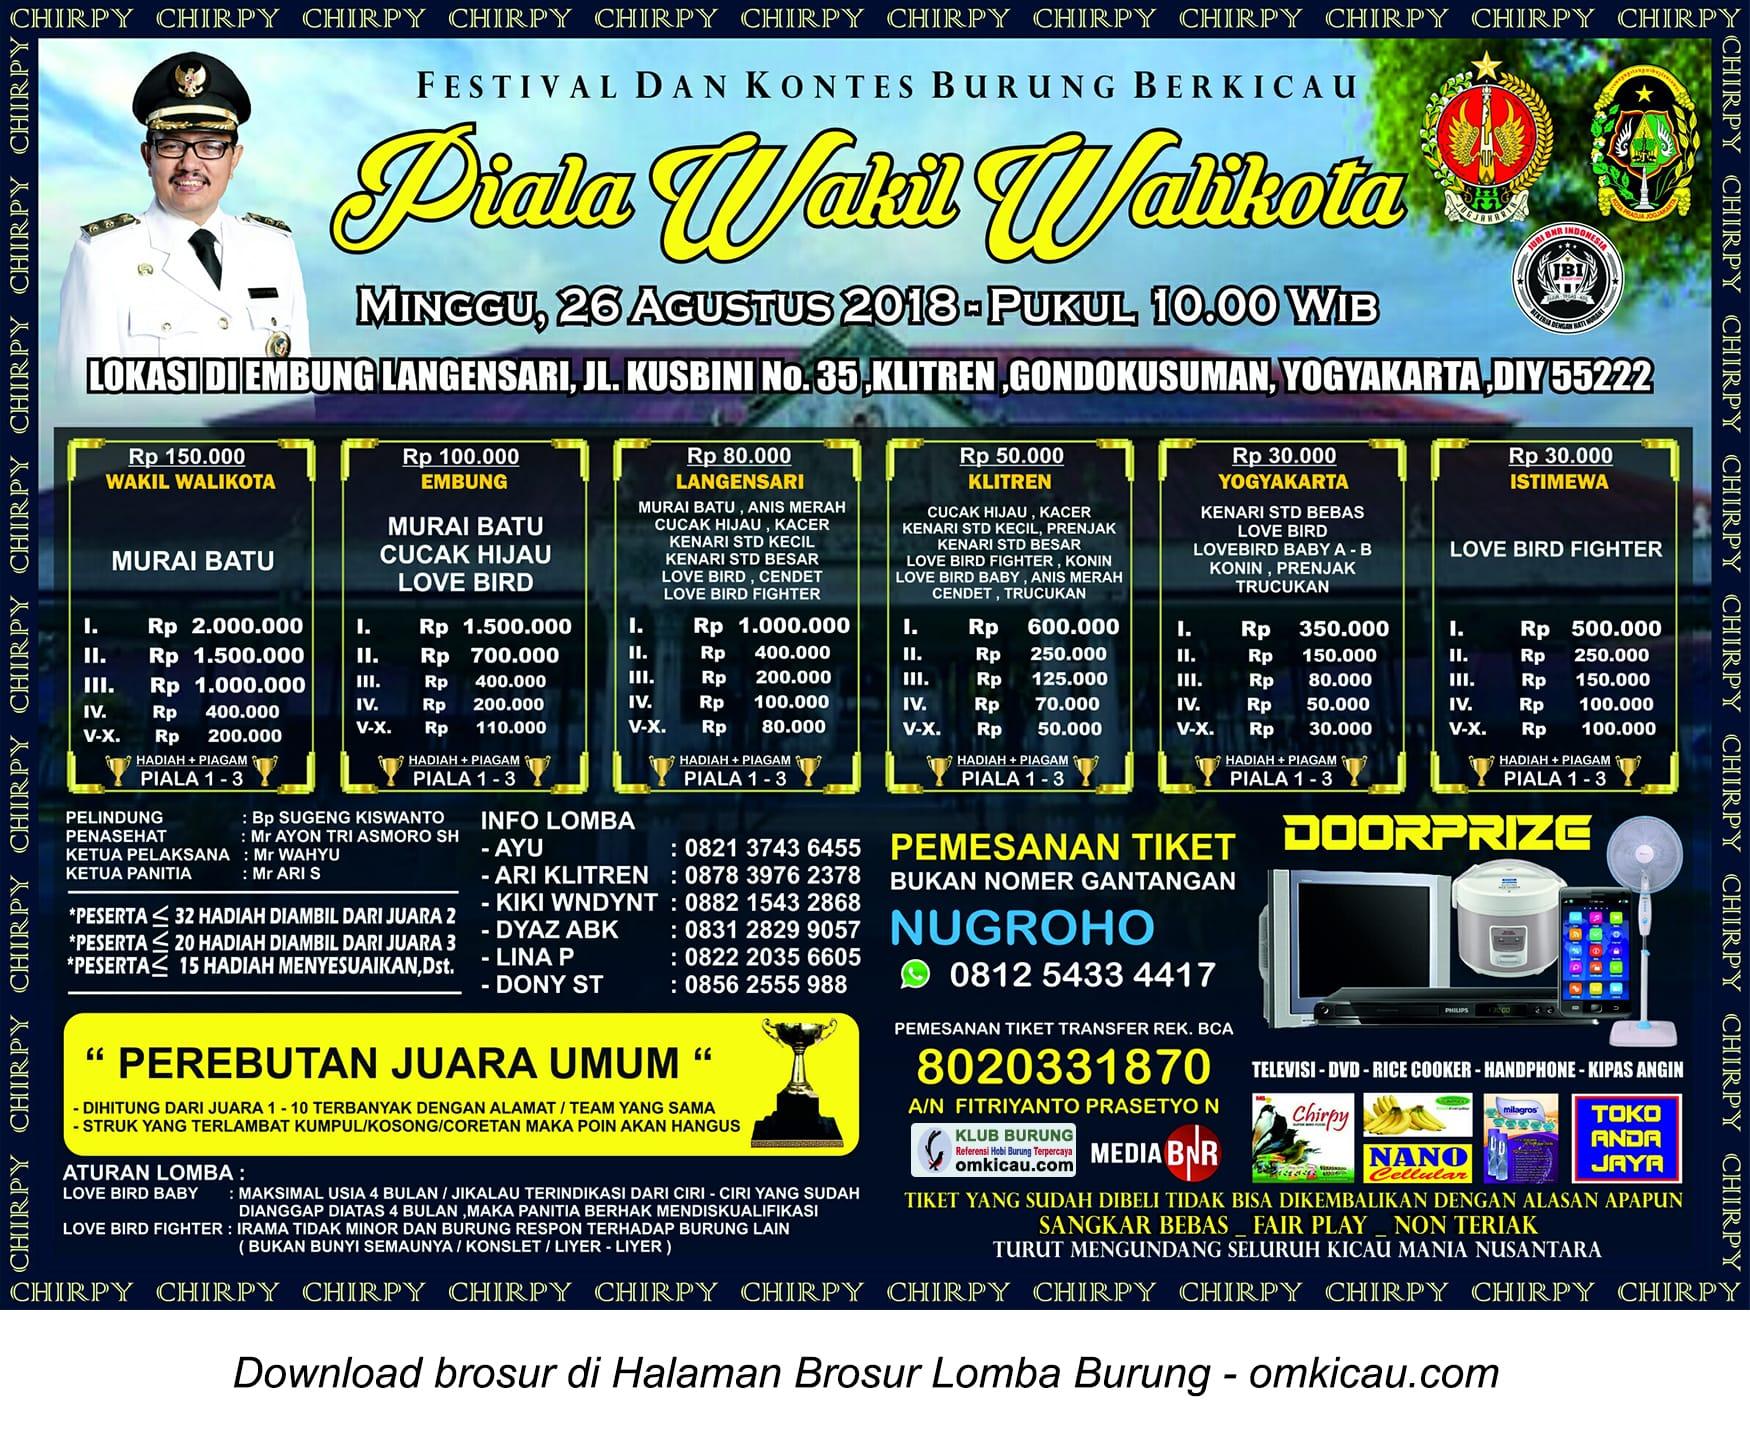 Piala Wakil Wali Kota Jogja